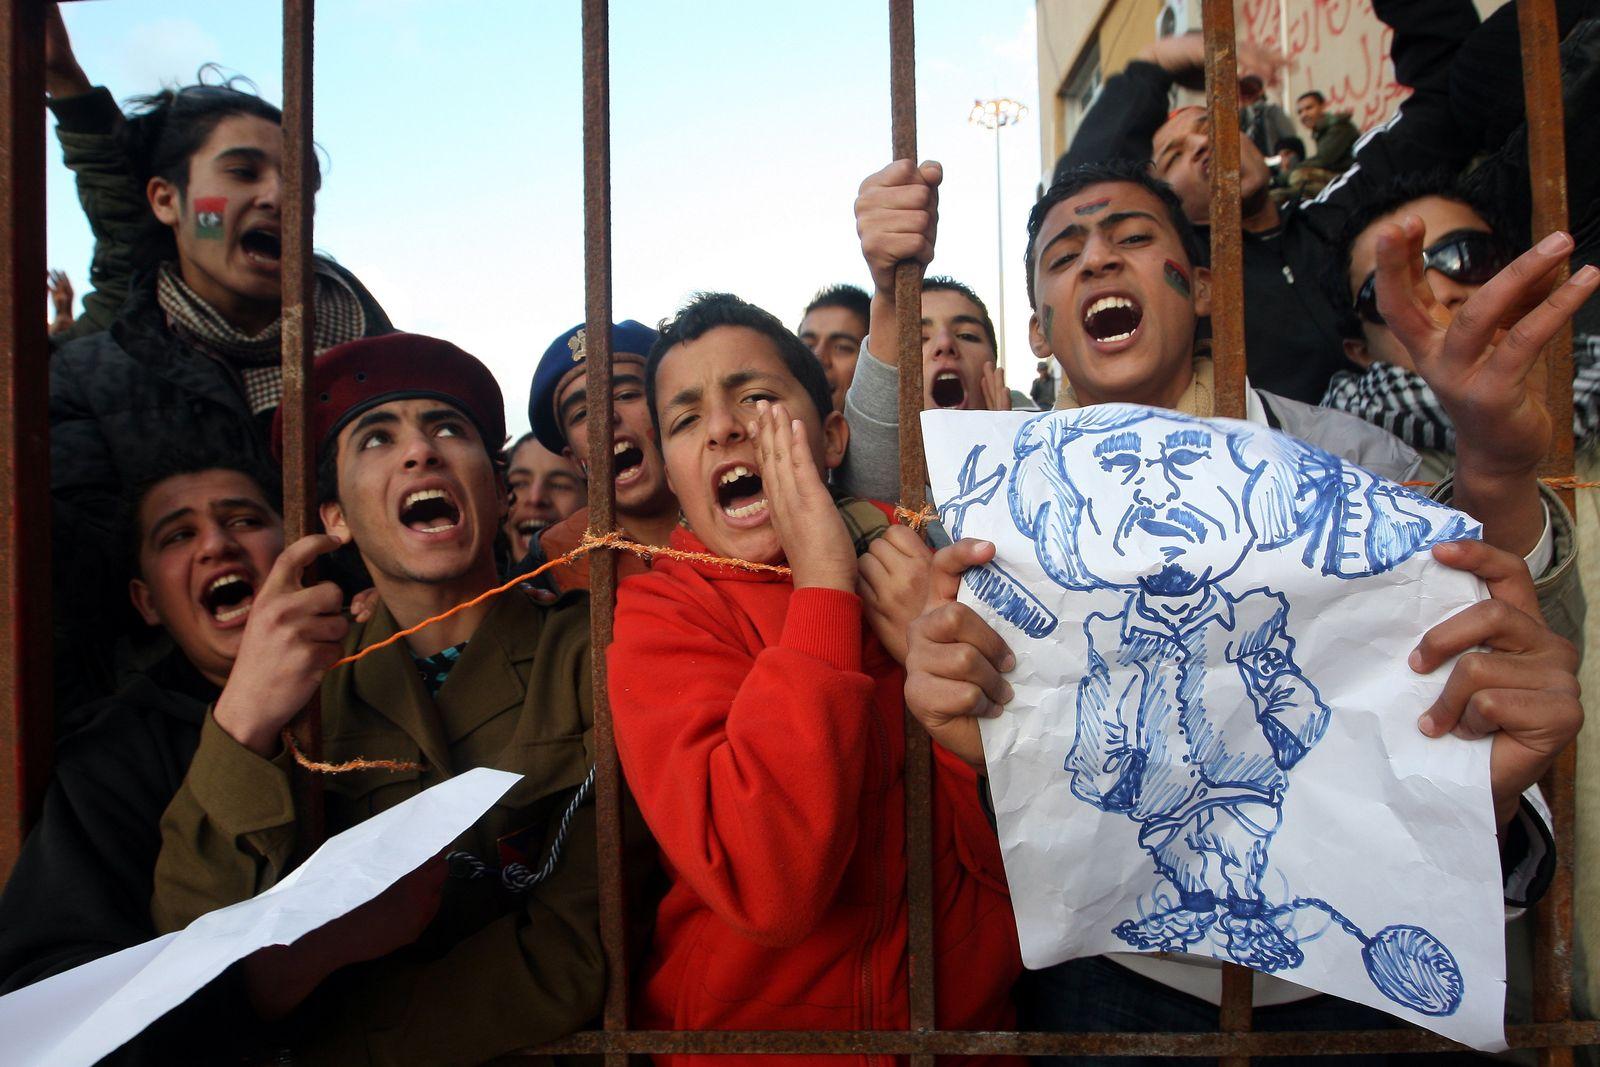 Libyen Proteste Sonntag